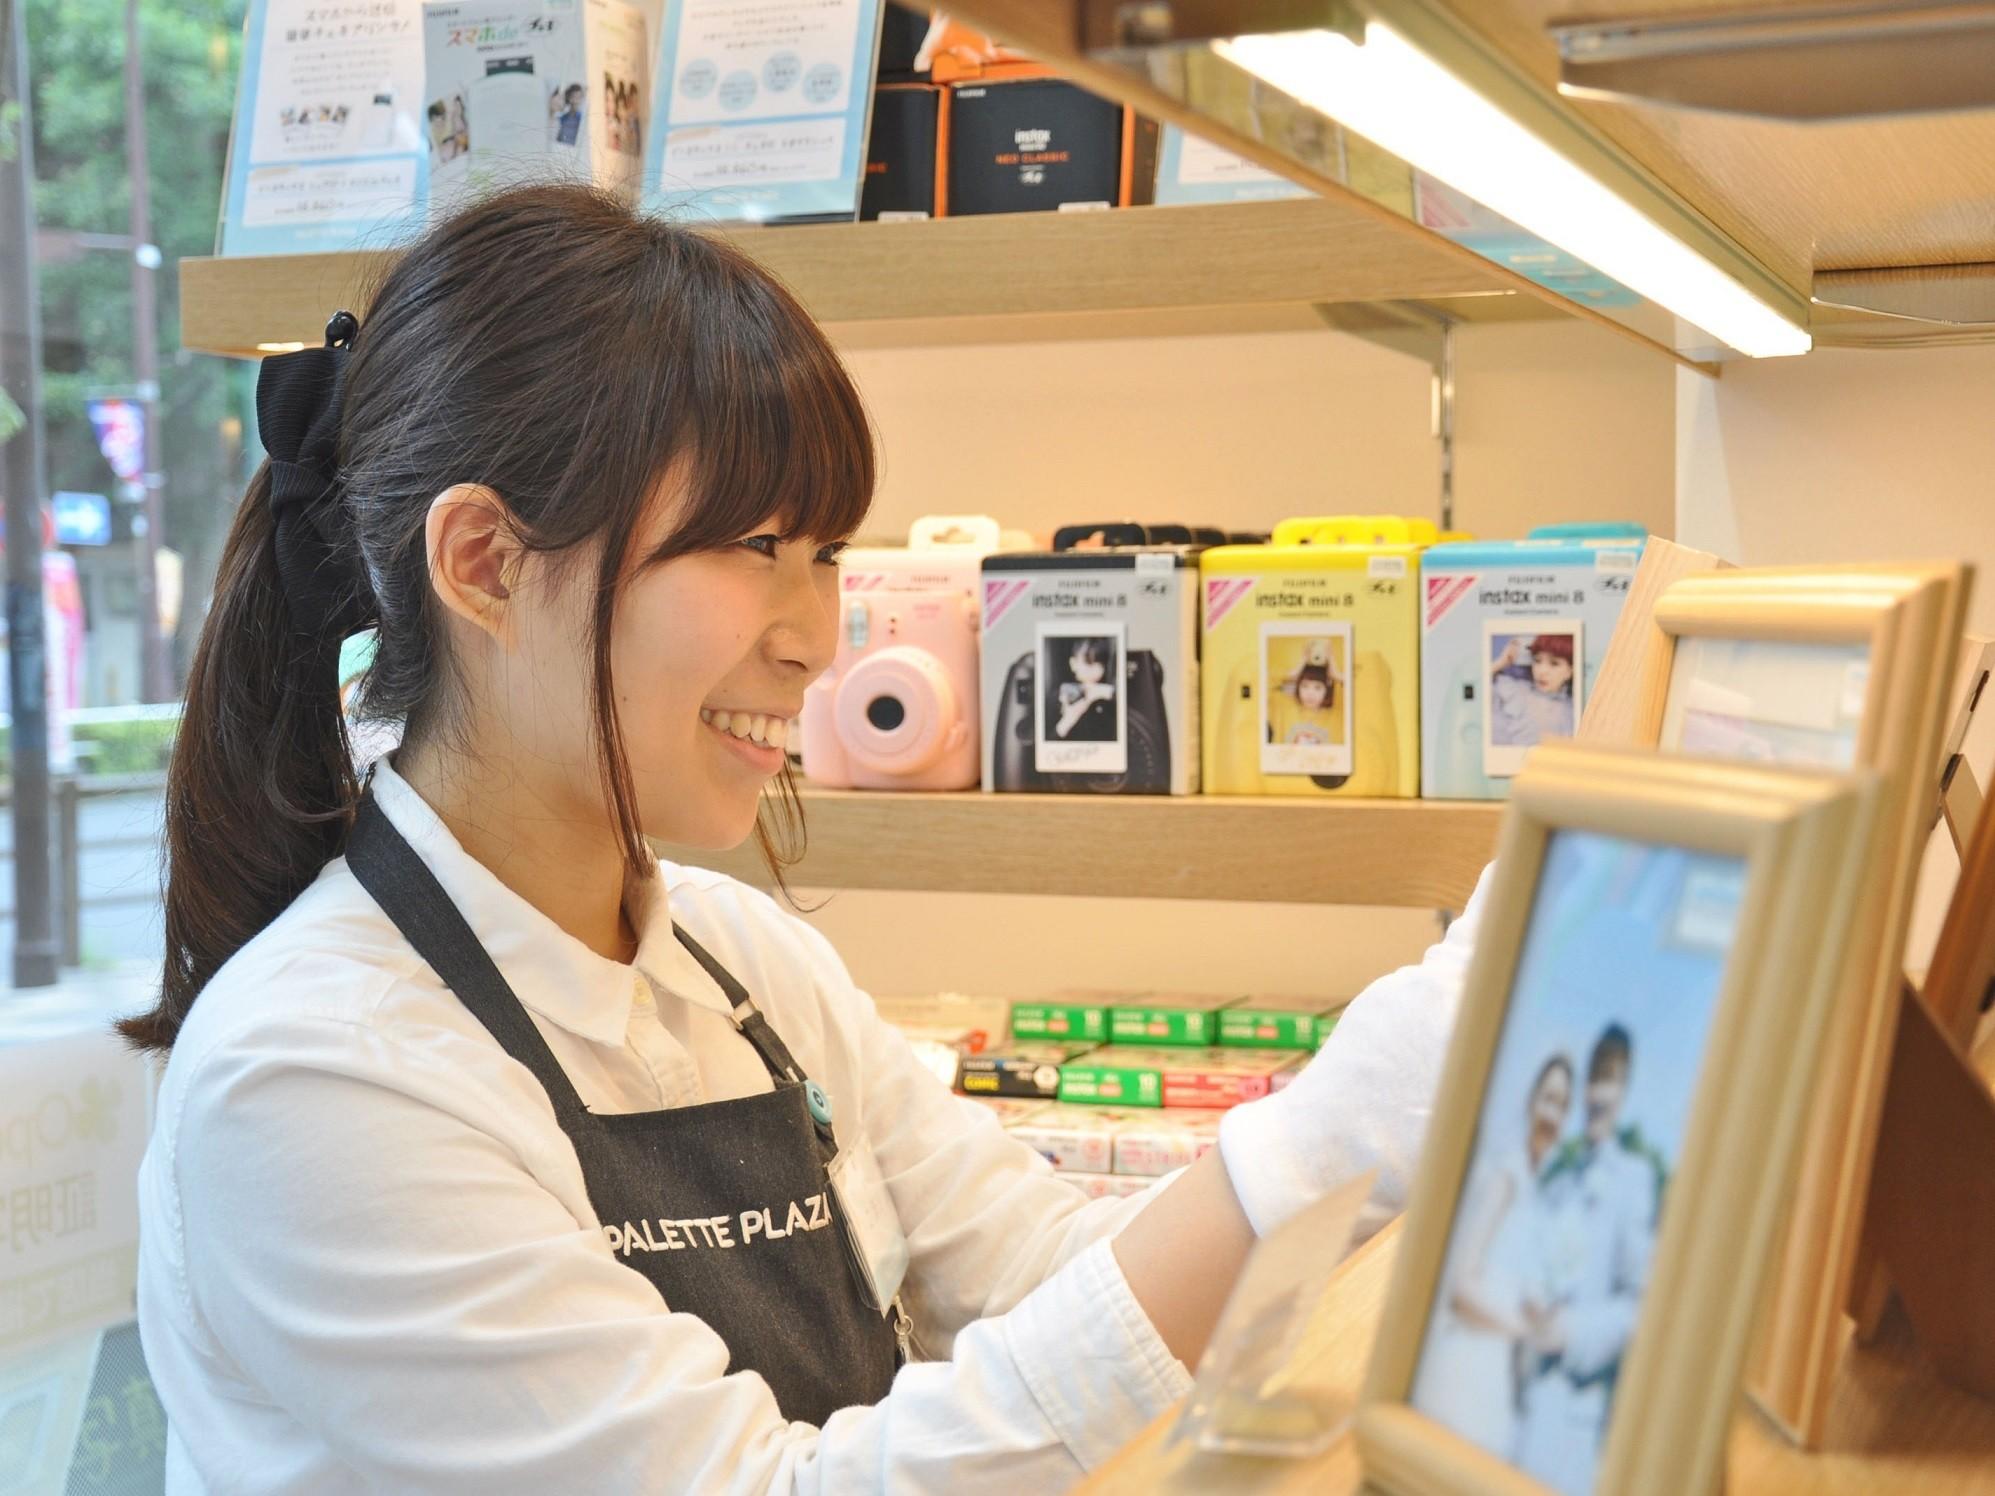 パレットプラザ 横浜四季の森フォレオ店 のアルバイト情報